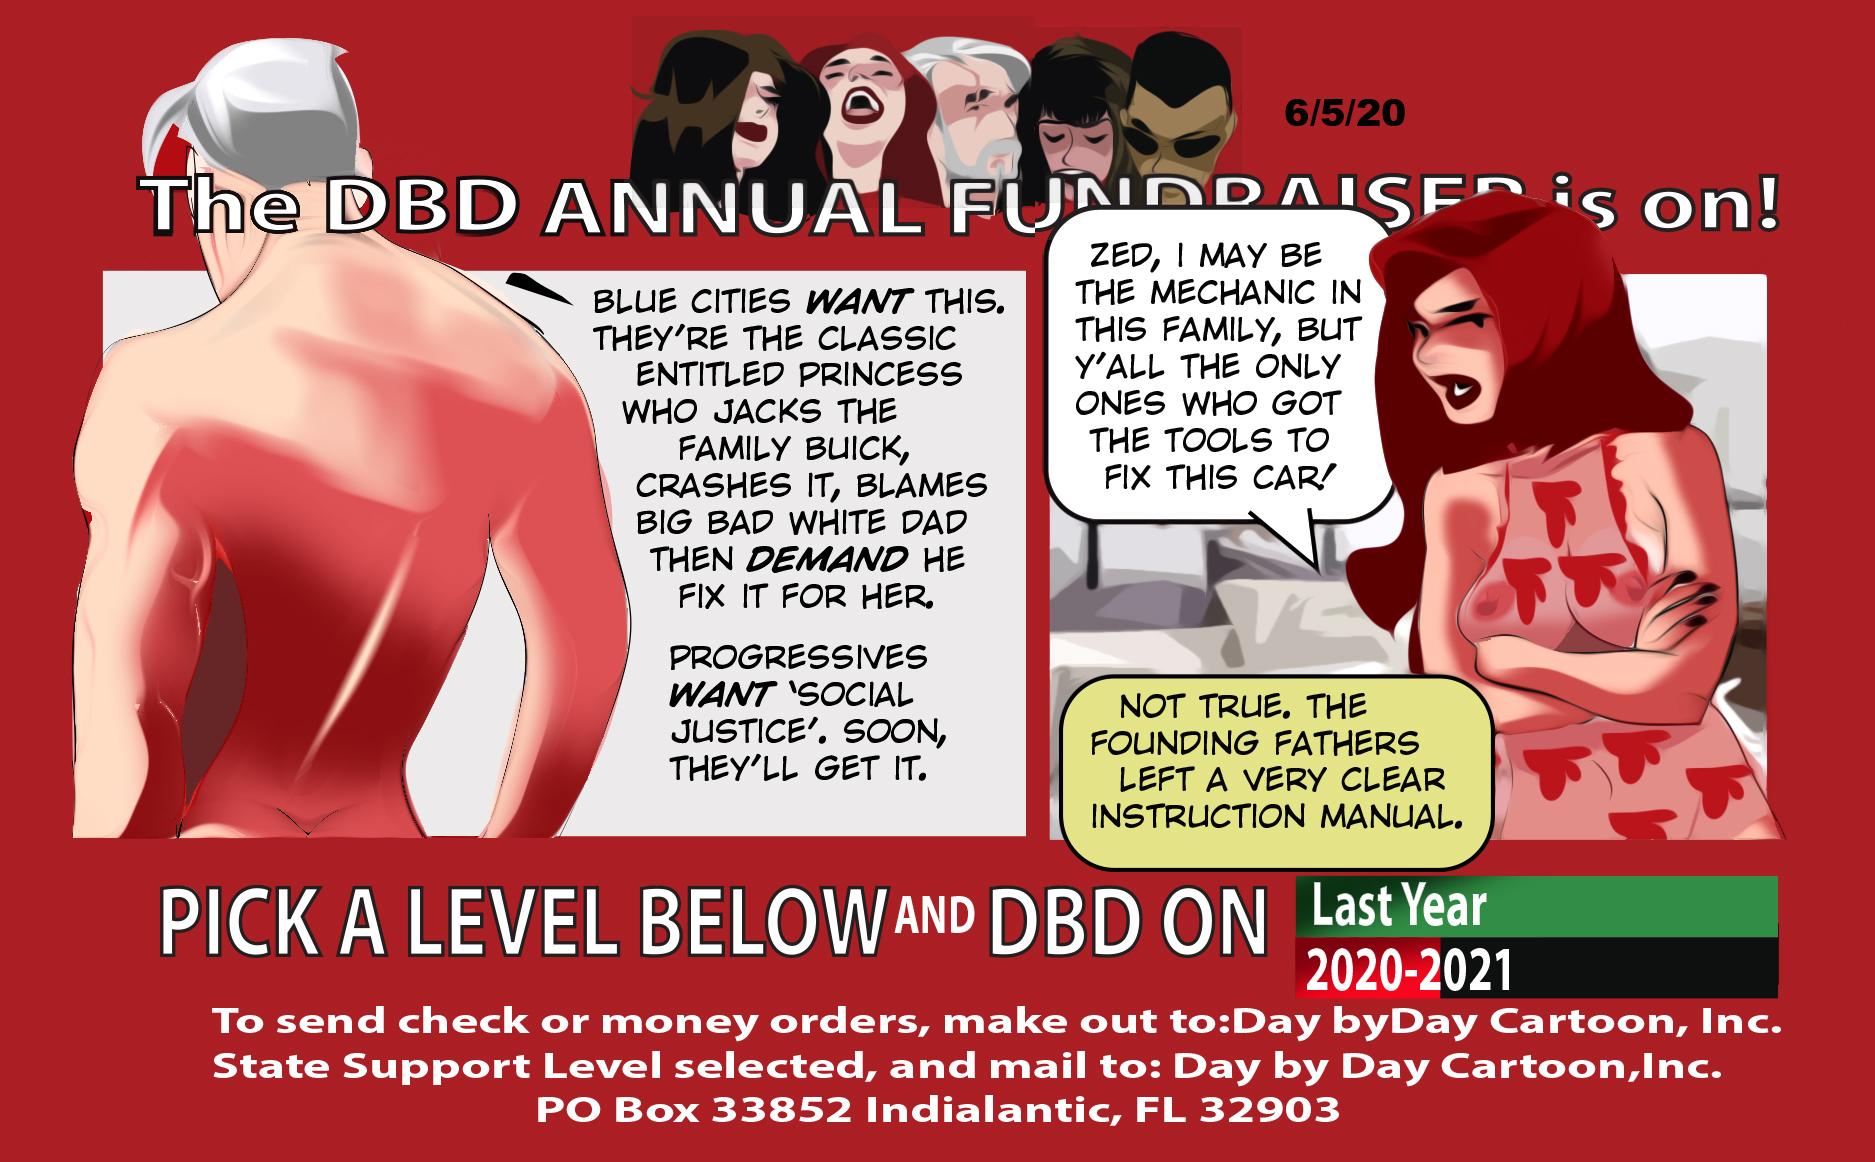 The Naked Truth. www.daybydaycartoon.com